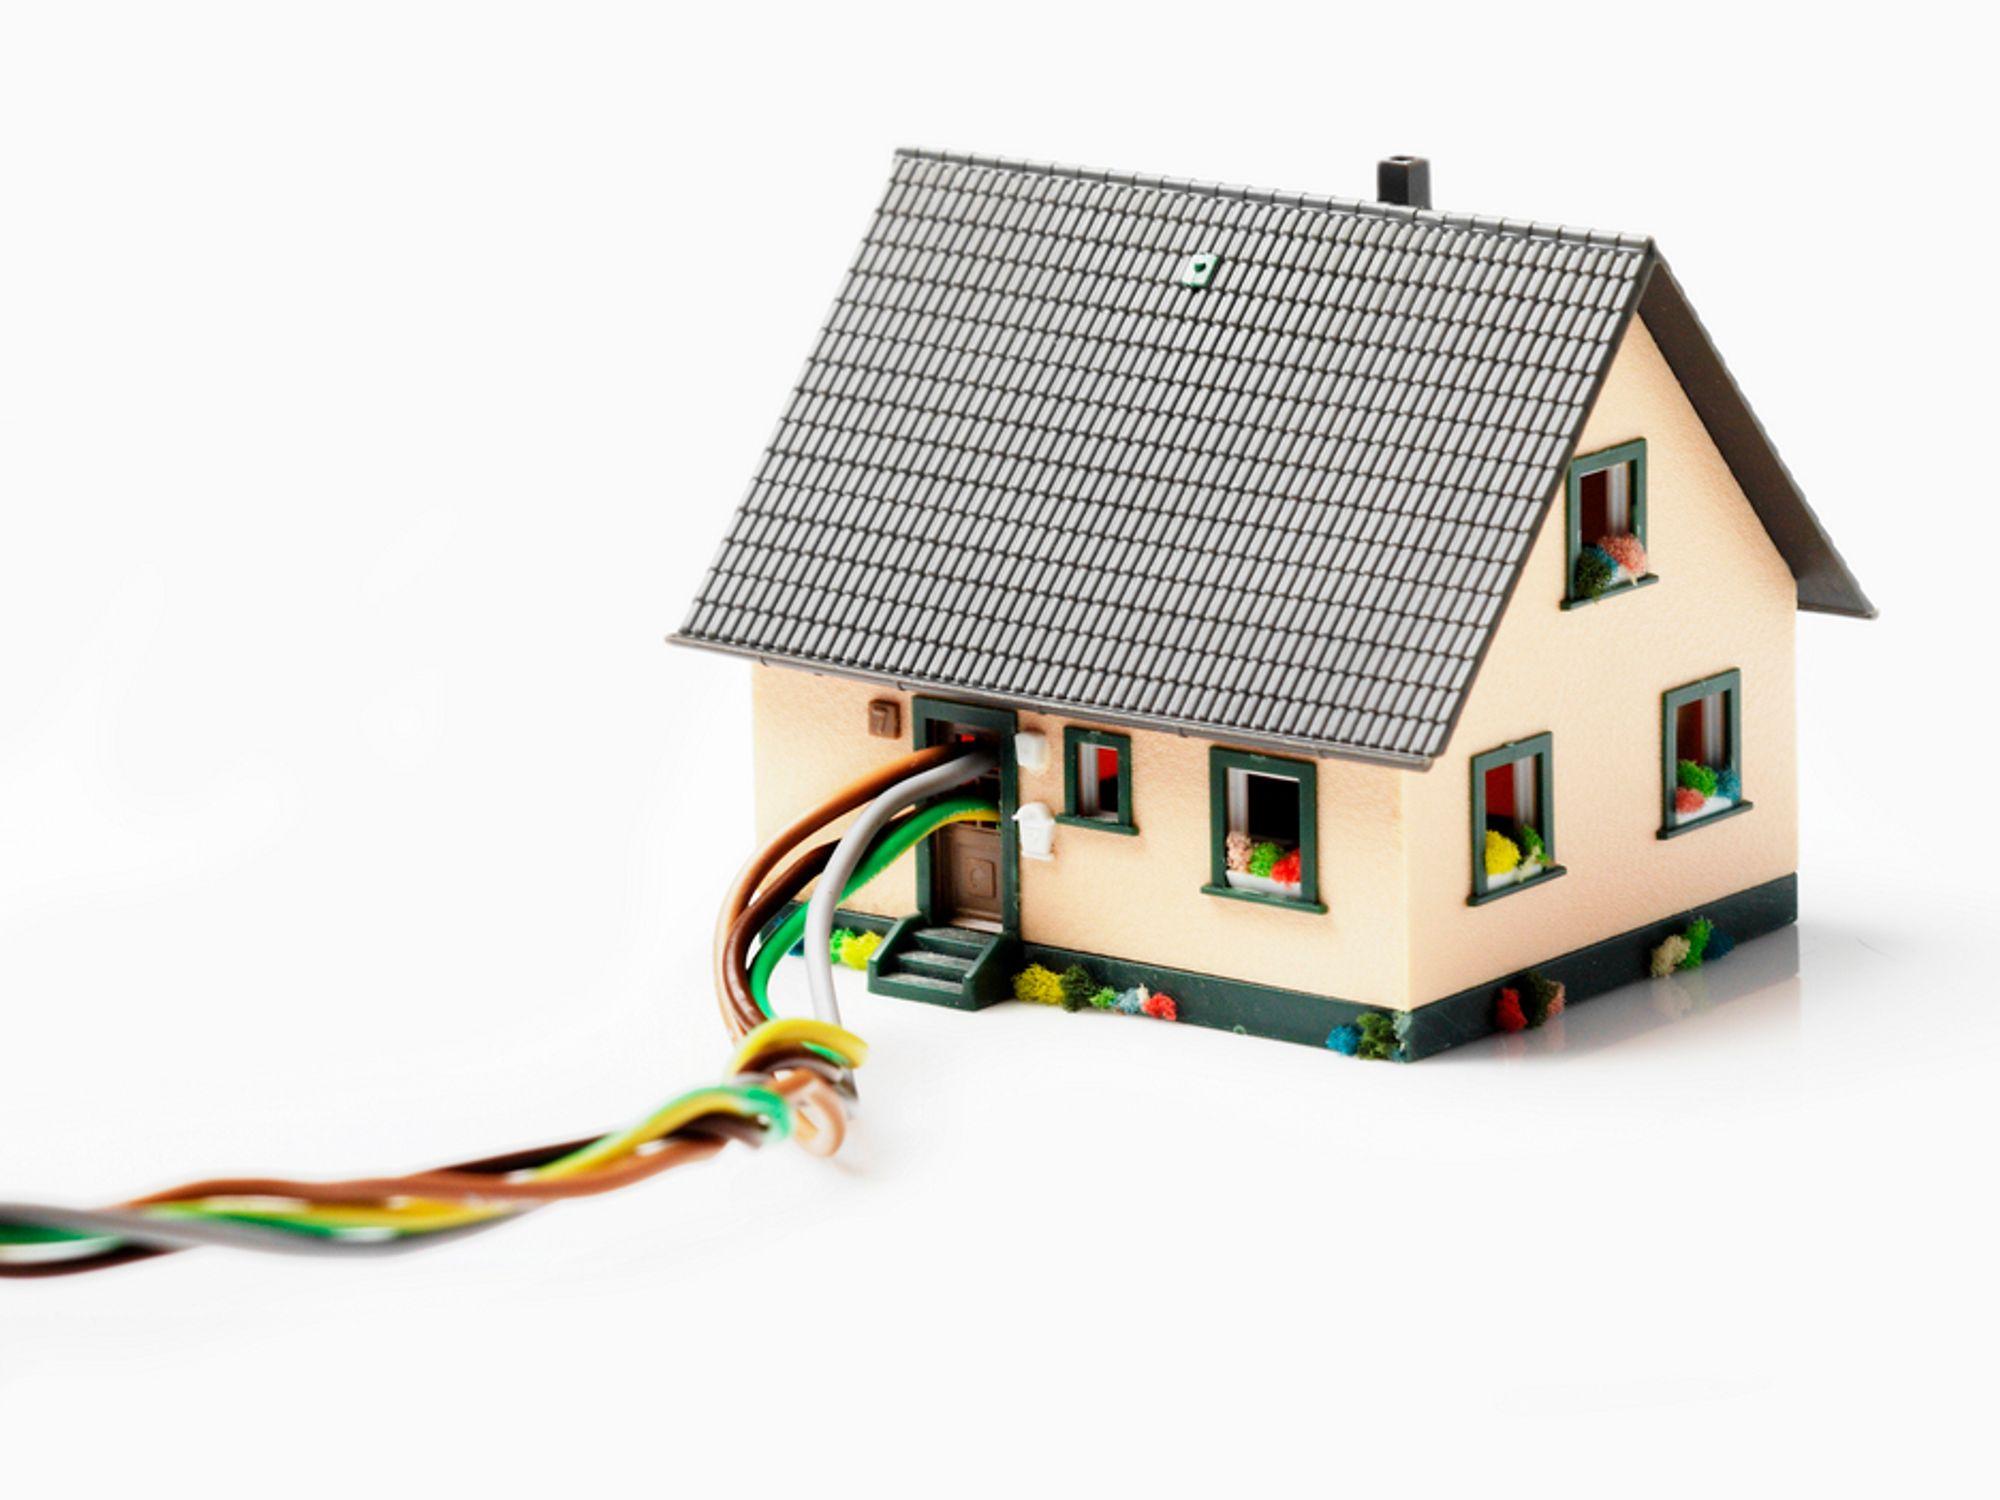 LOV: Alle hus skal ligge innenfor 2 kilometer fra en kabel som har en minimumskapasitet på 100 Mbit i 2015, ifølge finske myndigheter. Delmålet er 1 Mbit i 2010.